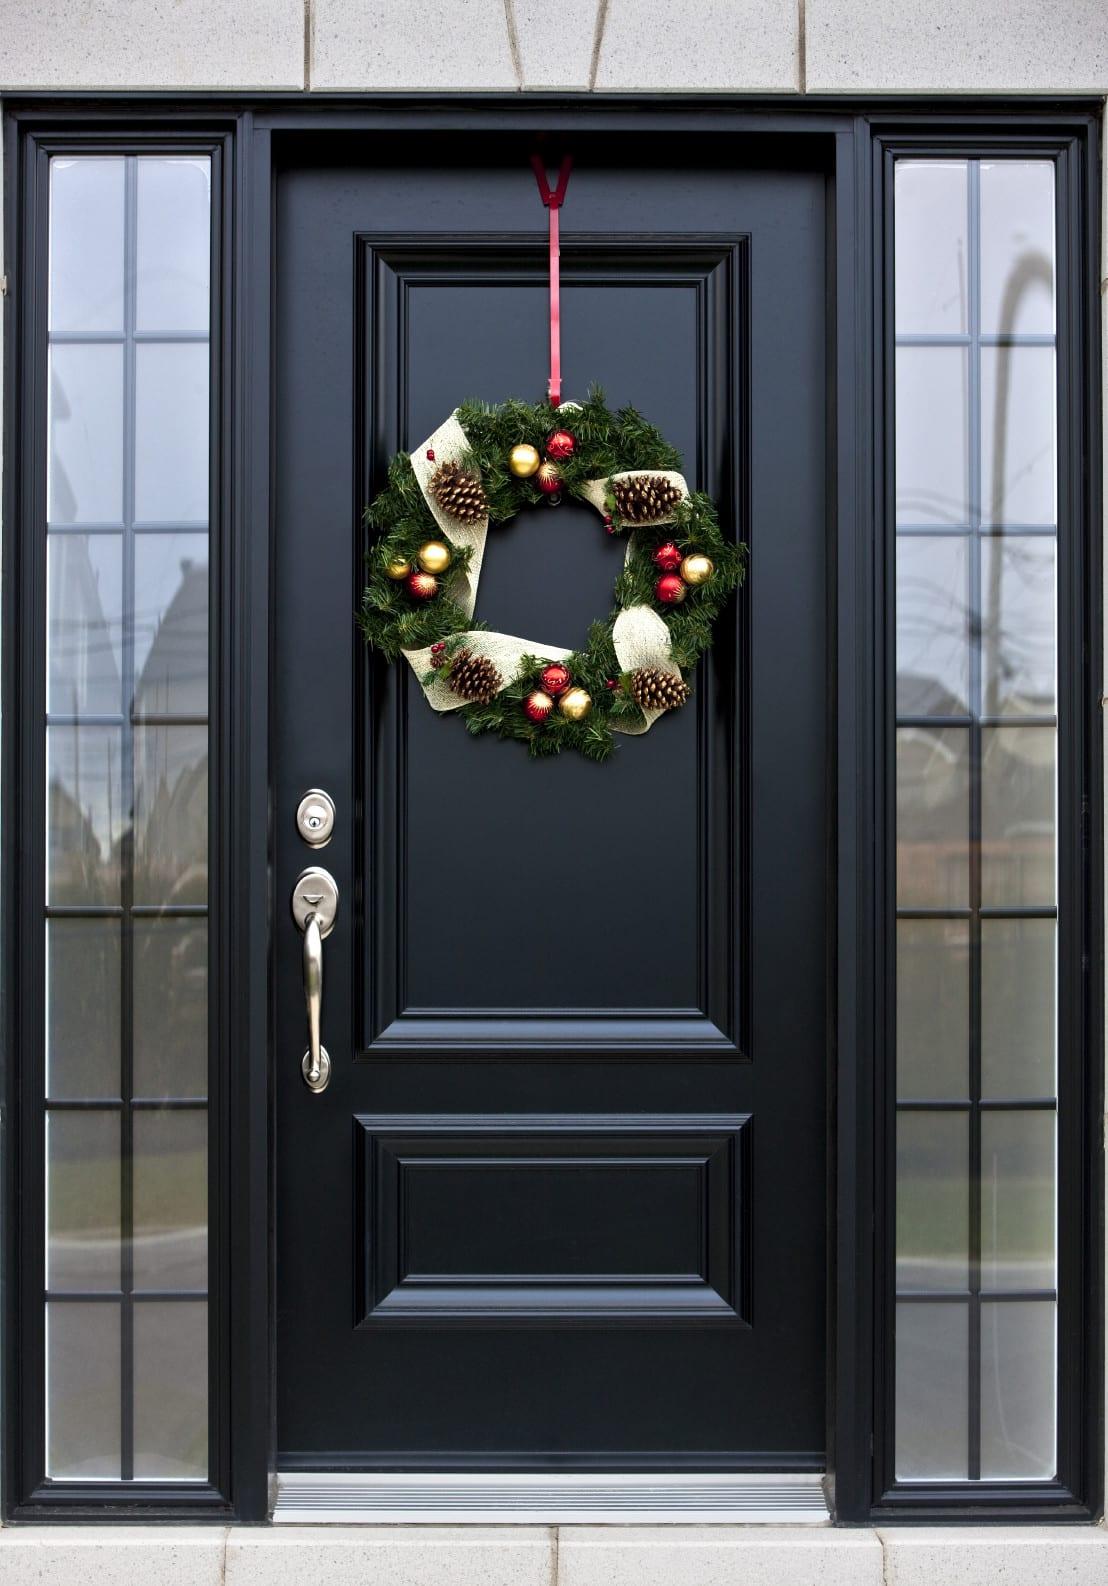 schöne und moderne haustüren in schwarz mit seitlicher verglasung_coole türdeko zur weihnachtszeit mit türkranz